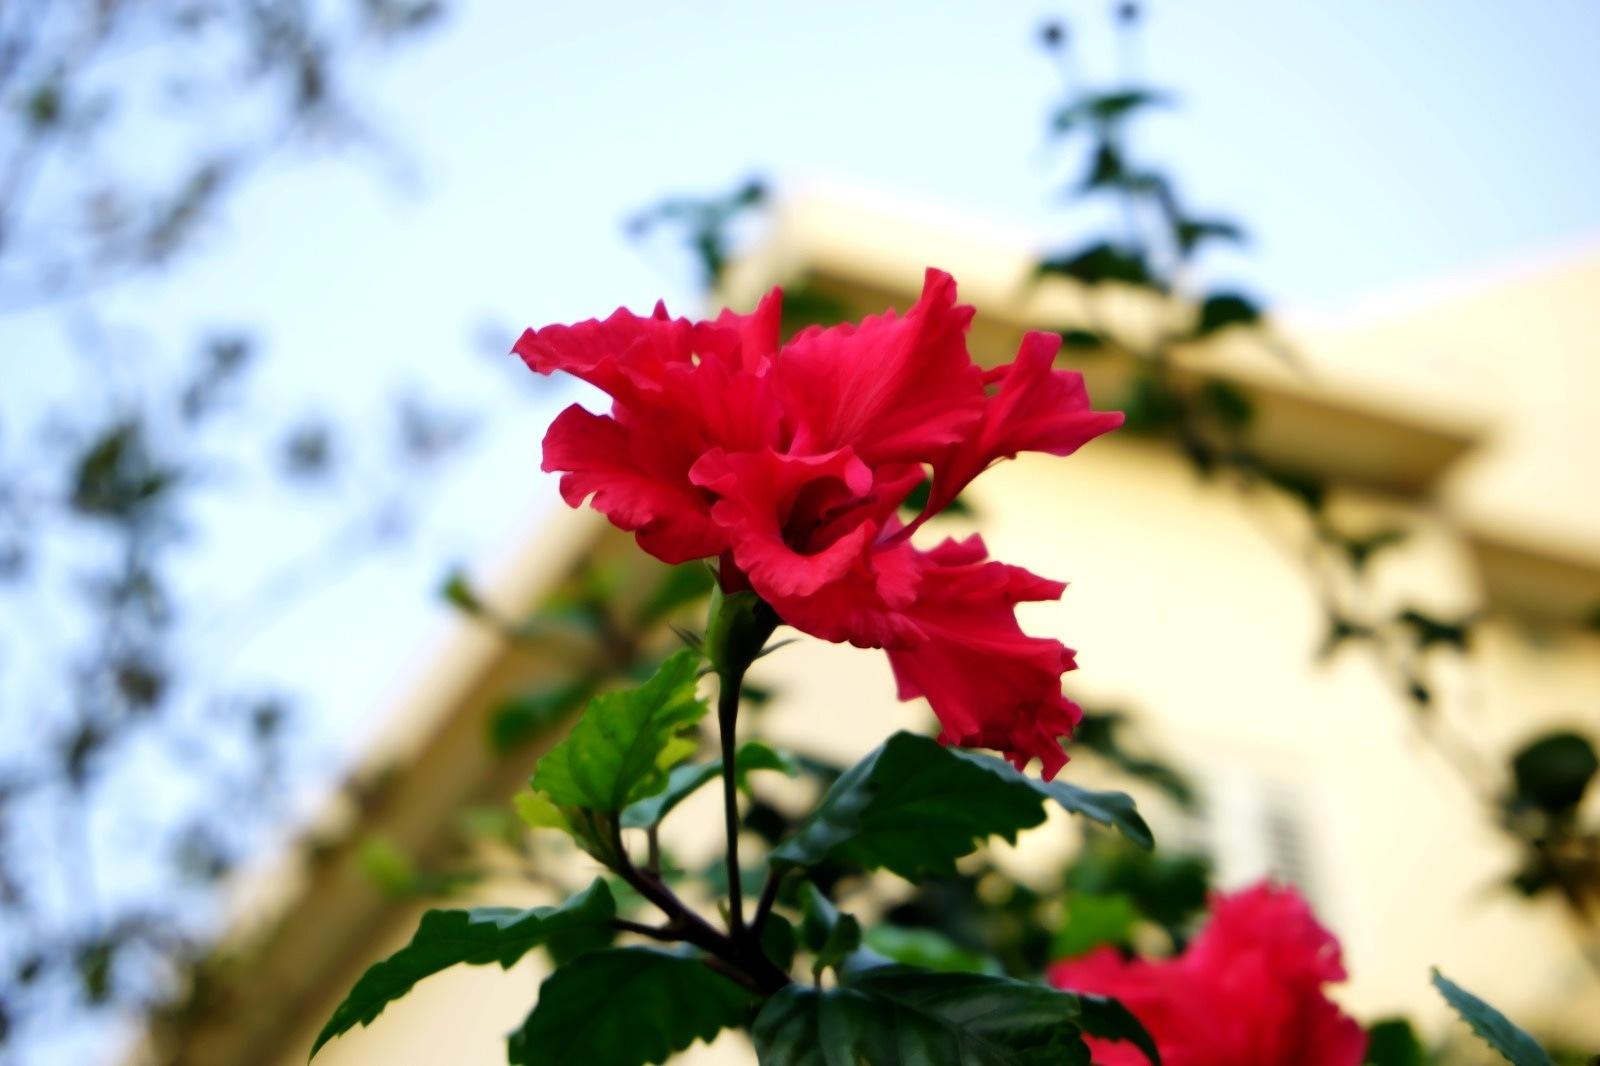 vintage flower pic by shahak gonen